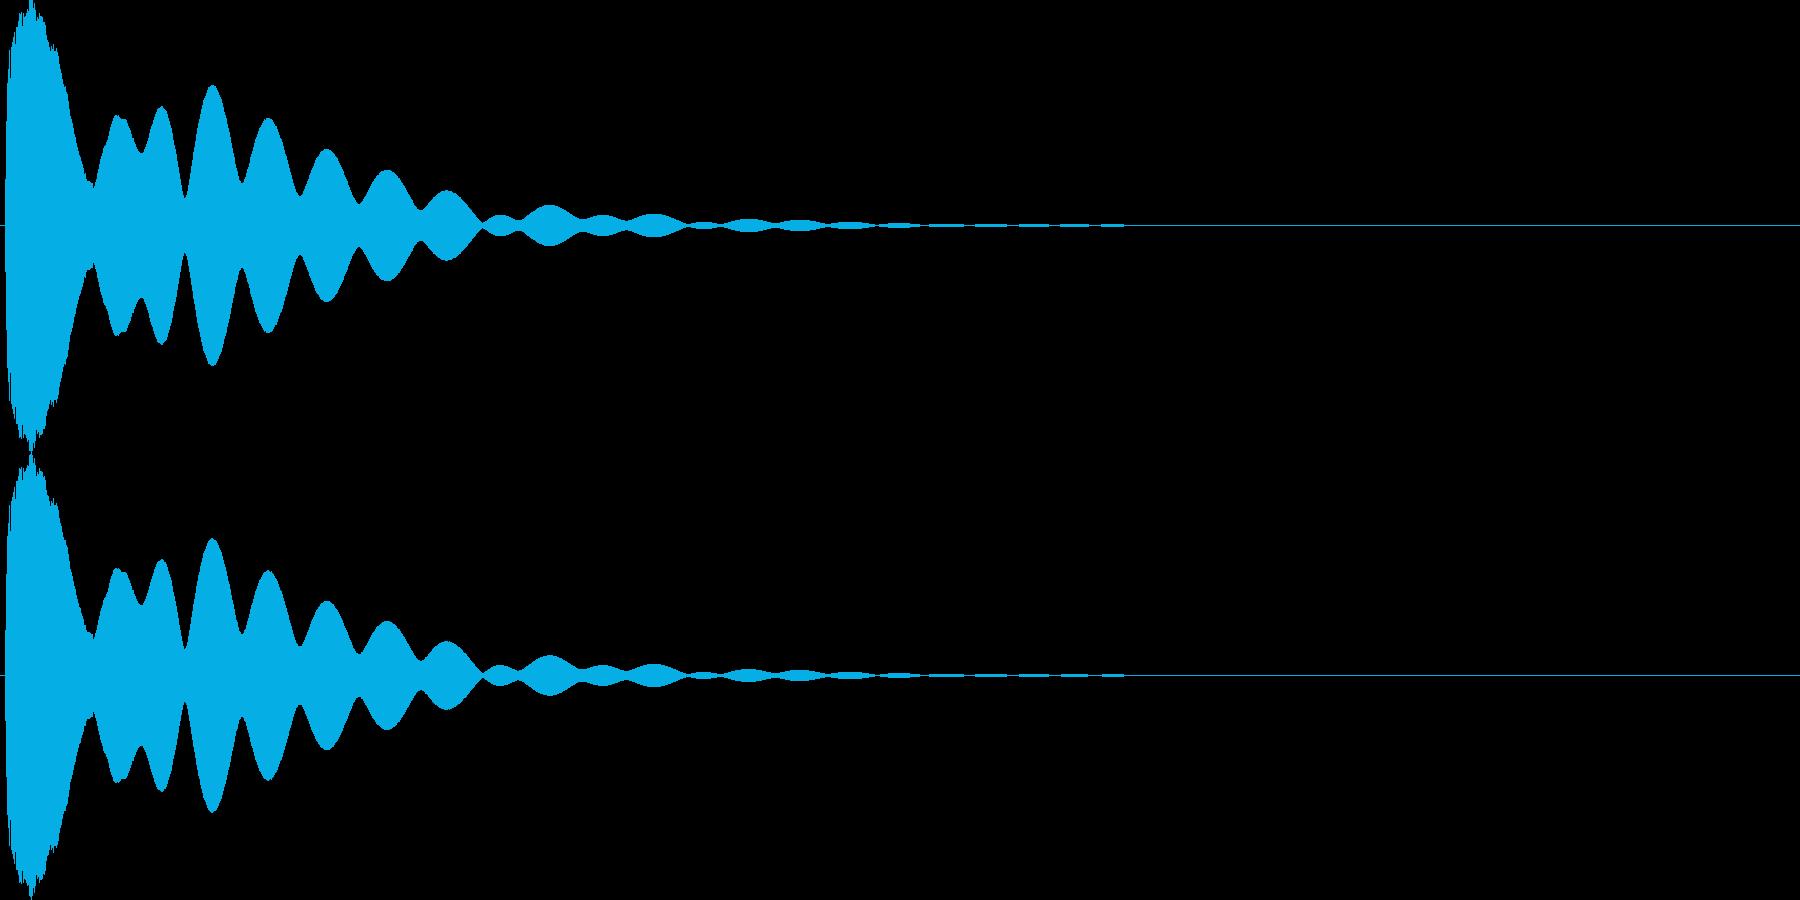 キュイン(飛ばされて星になる タイプ4)の再生済みの波形